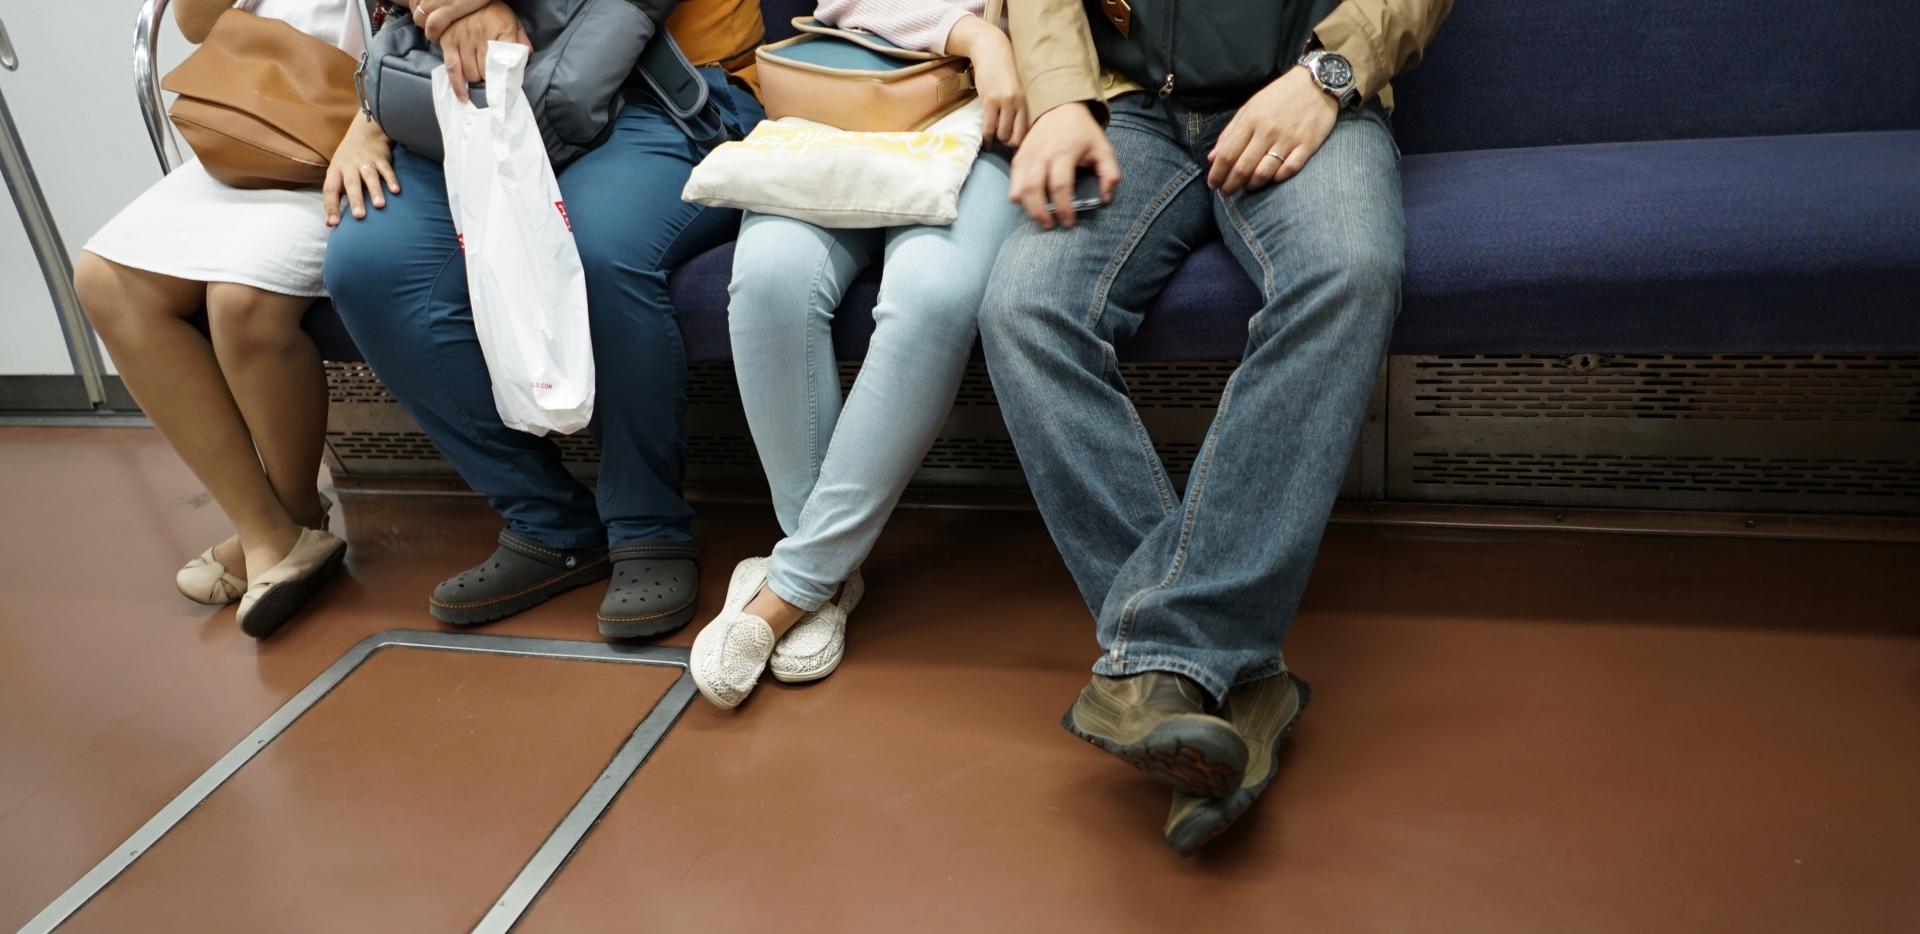 電車内で酔っ払いに絡まれた場合の対処法を紹介します